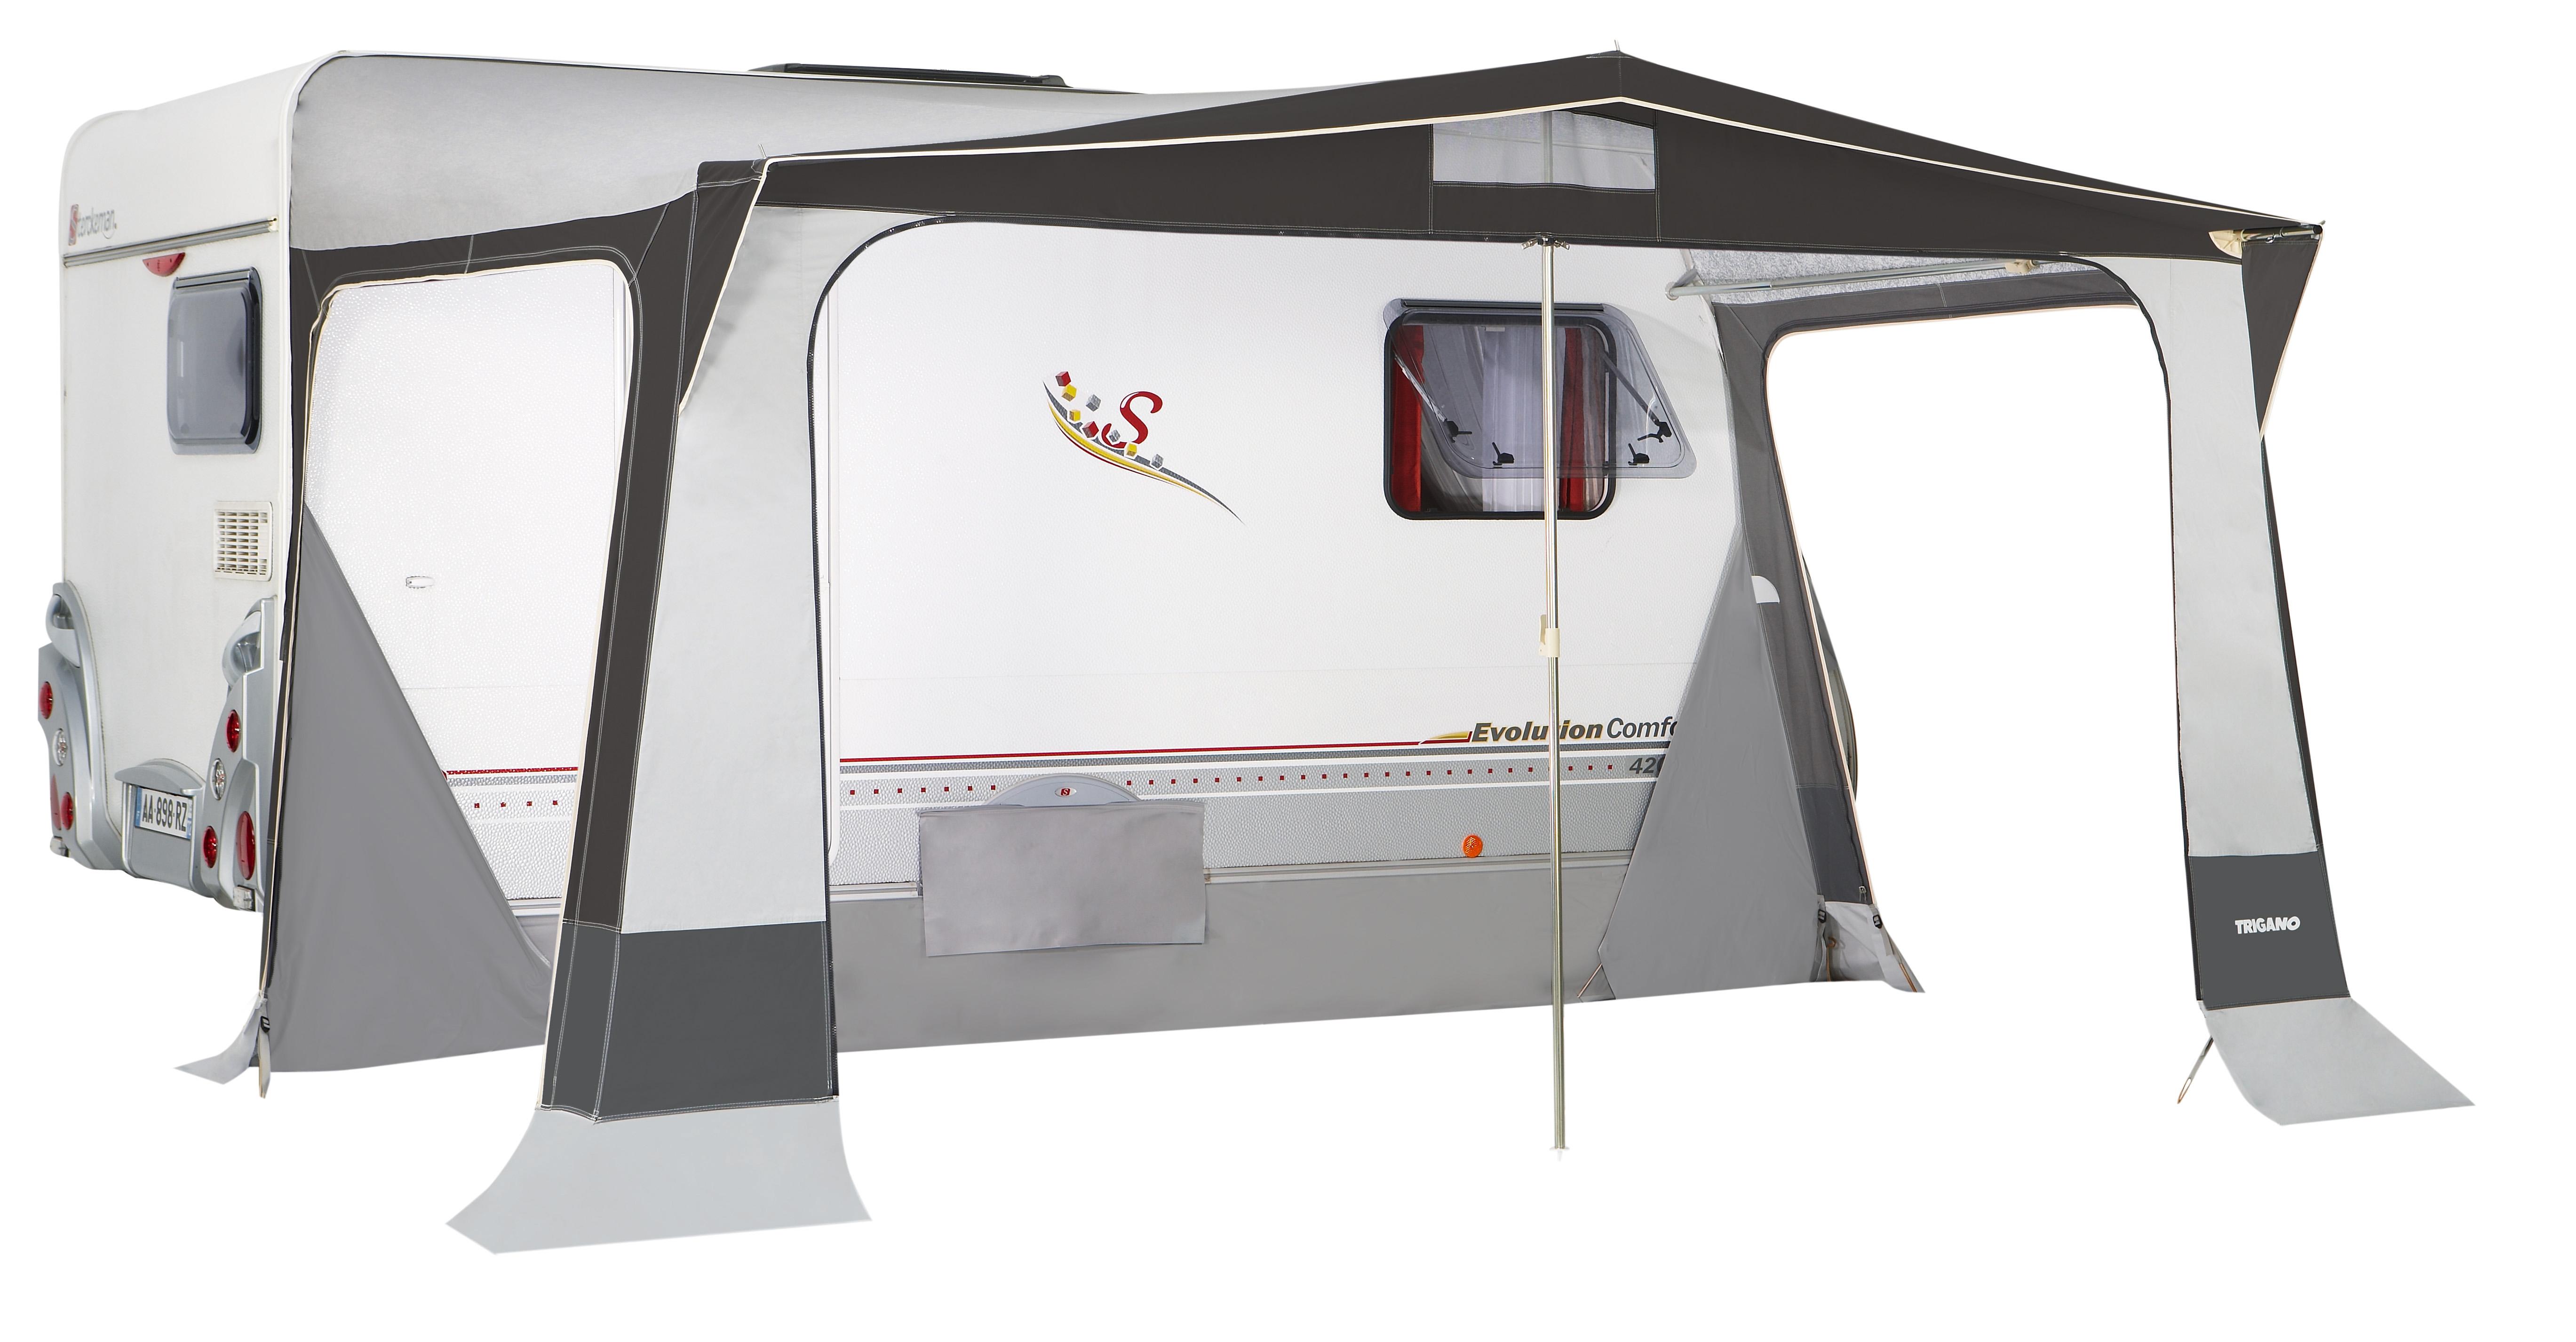 auvent etretat boutique supermarket caravanes vente de mobilier de camping et d auvent pour. Black Bedroom Furniture Sets. Home Design Ideas